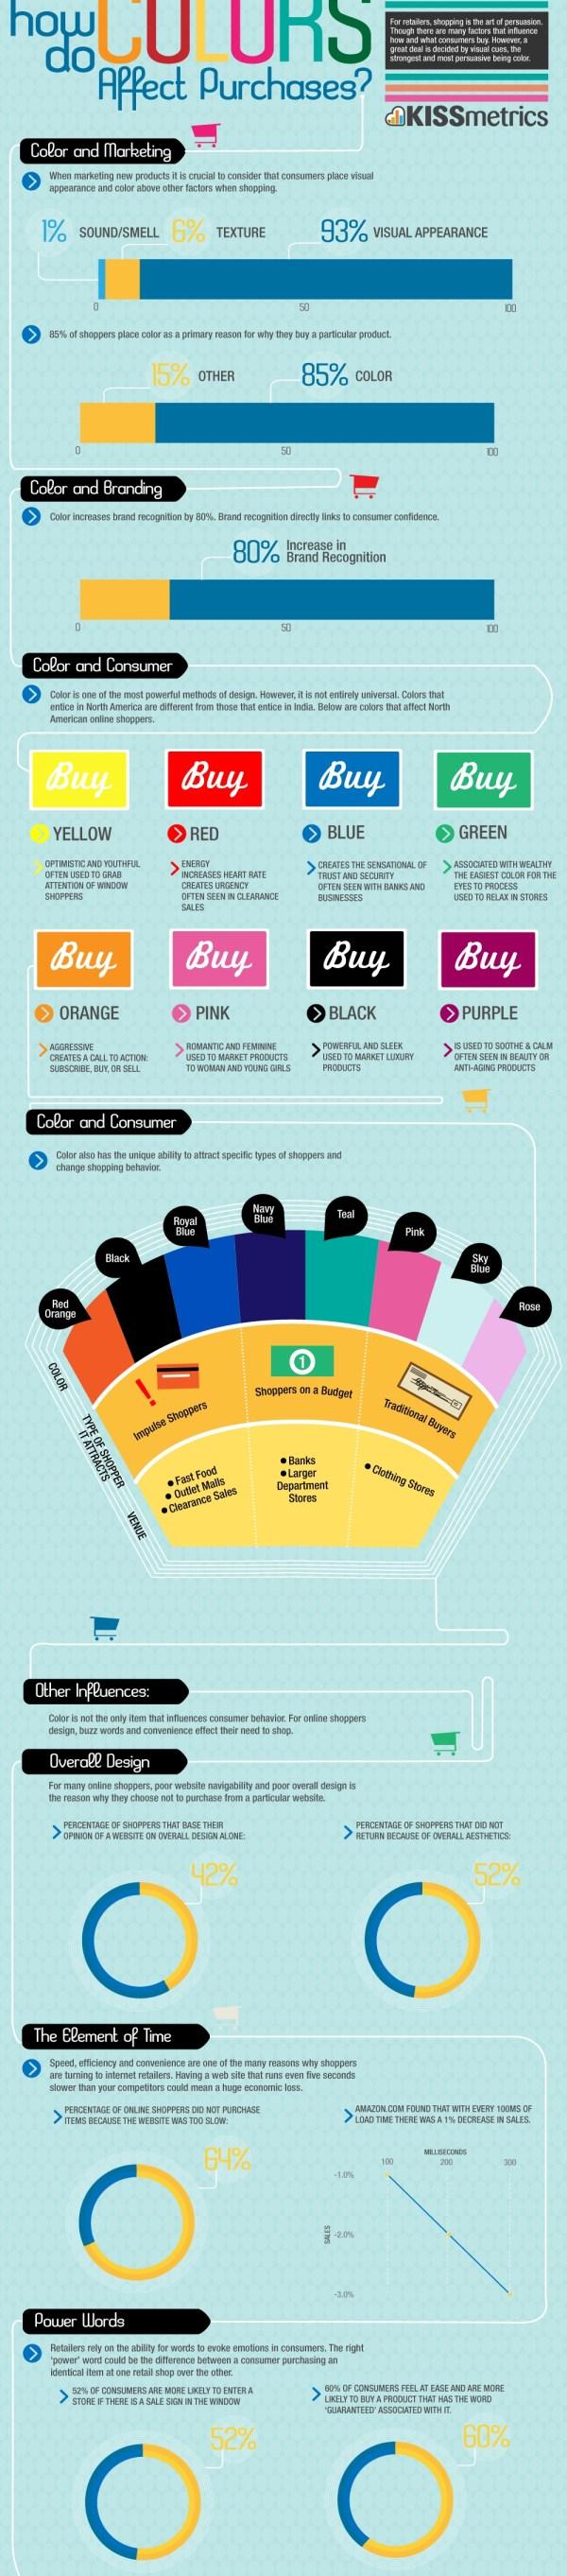 efecto color compras infografia El efecto de los colores sobre los consumidores